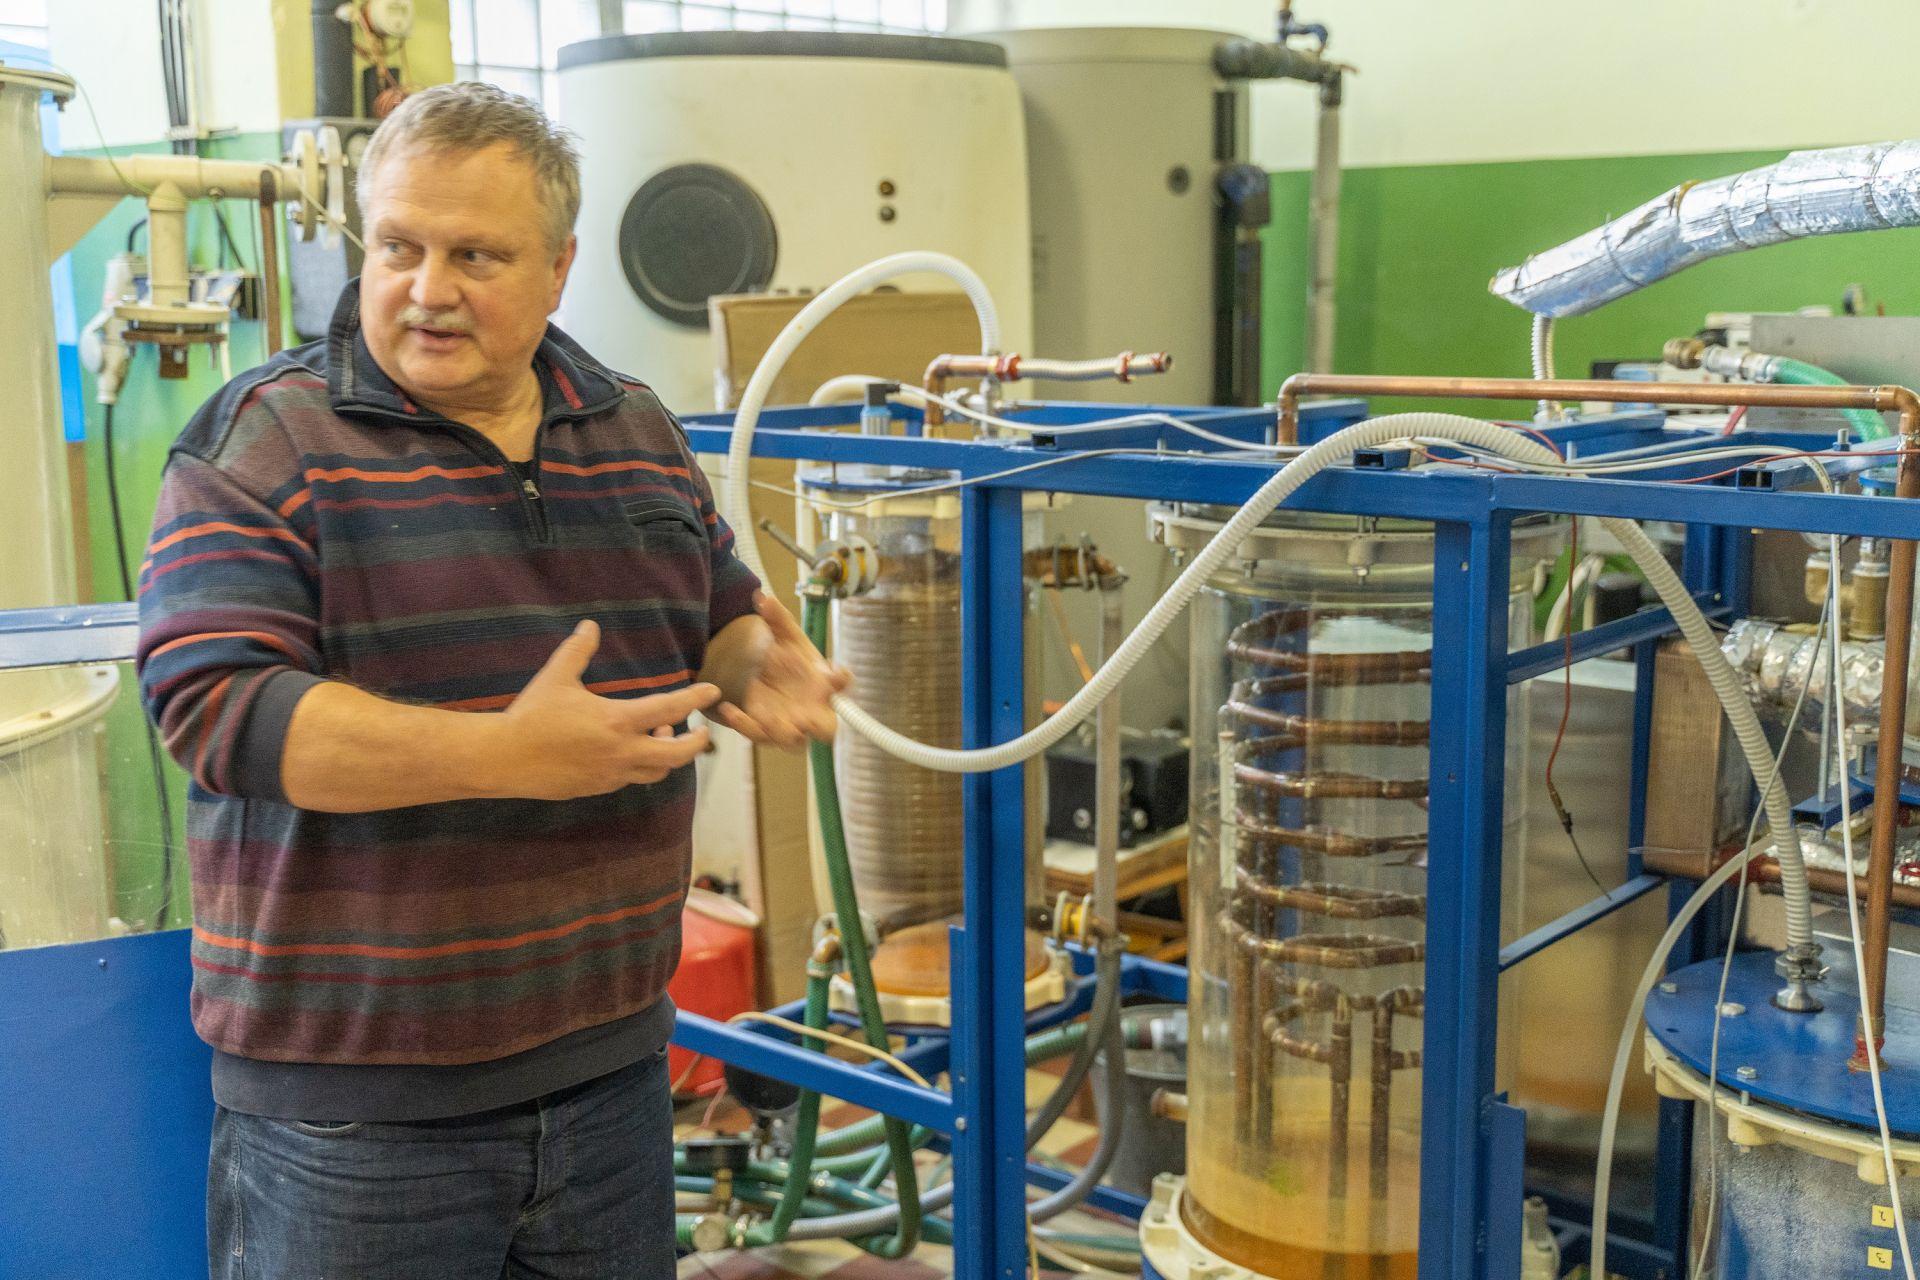 Ejektorový chladiaci systém, ktorý bude vyrábať chlad z tepla.